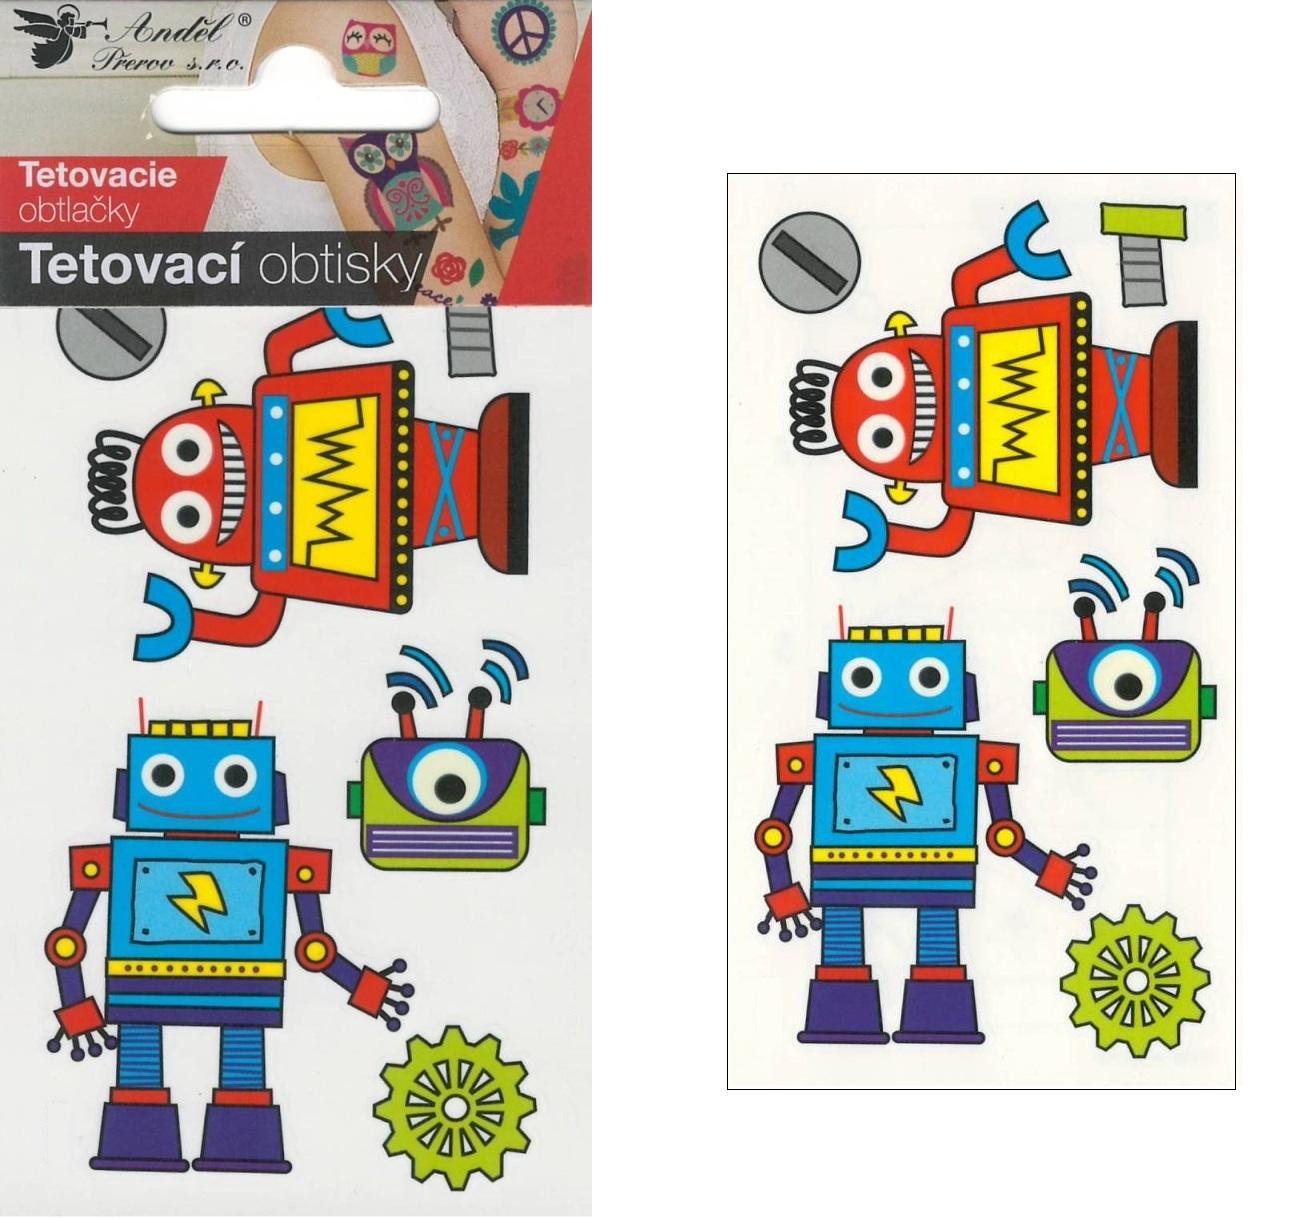 Obtisky tetovací 10,5x6 cm- roboti